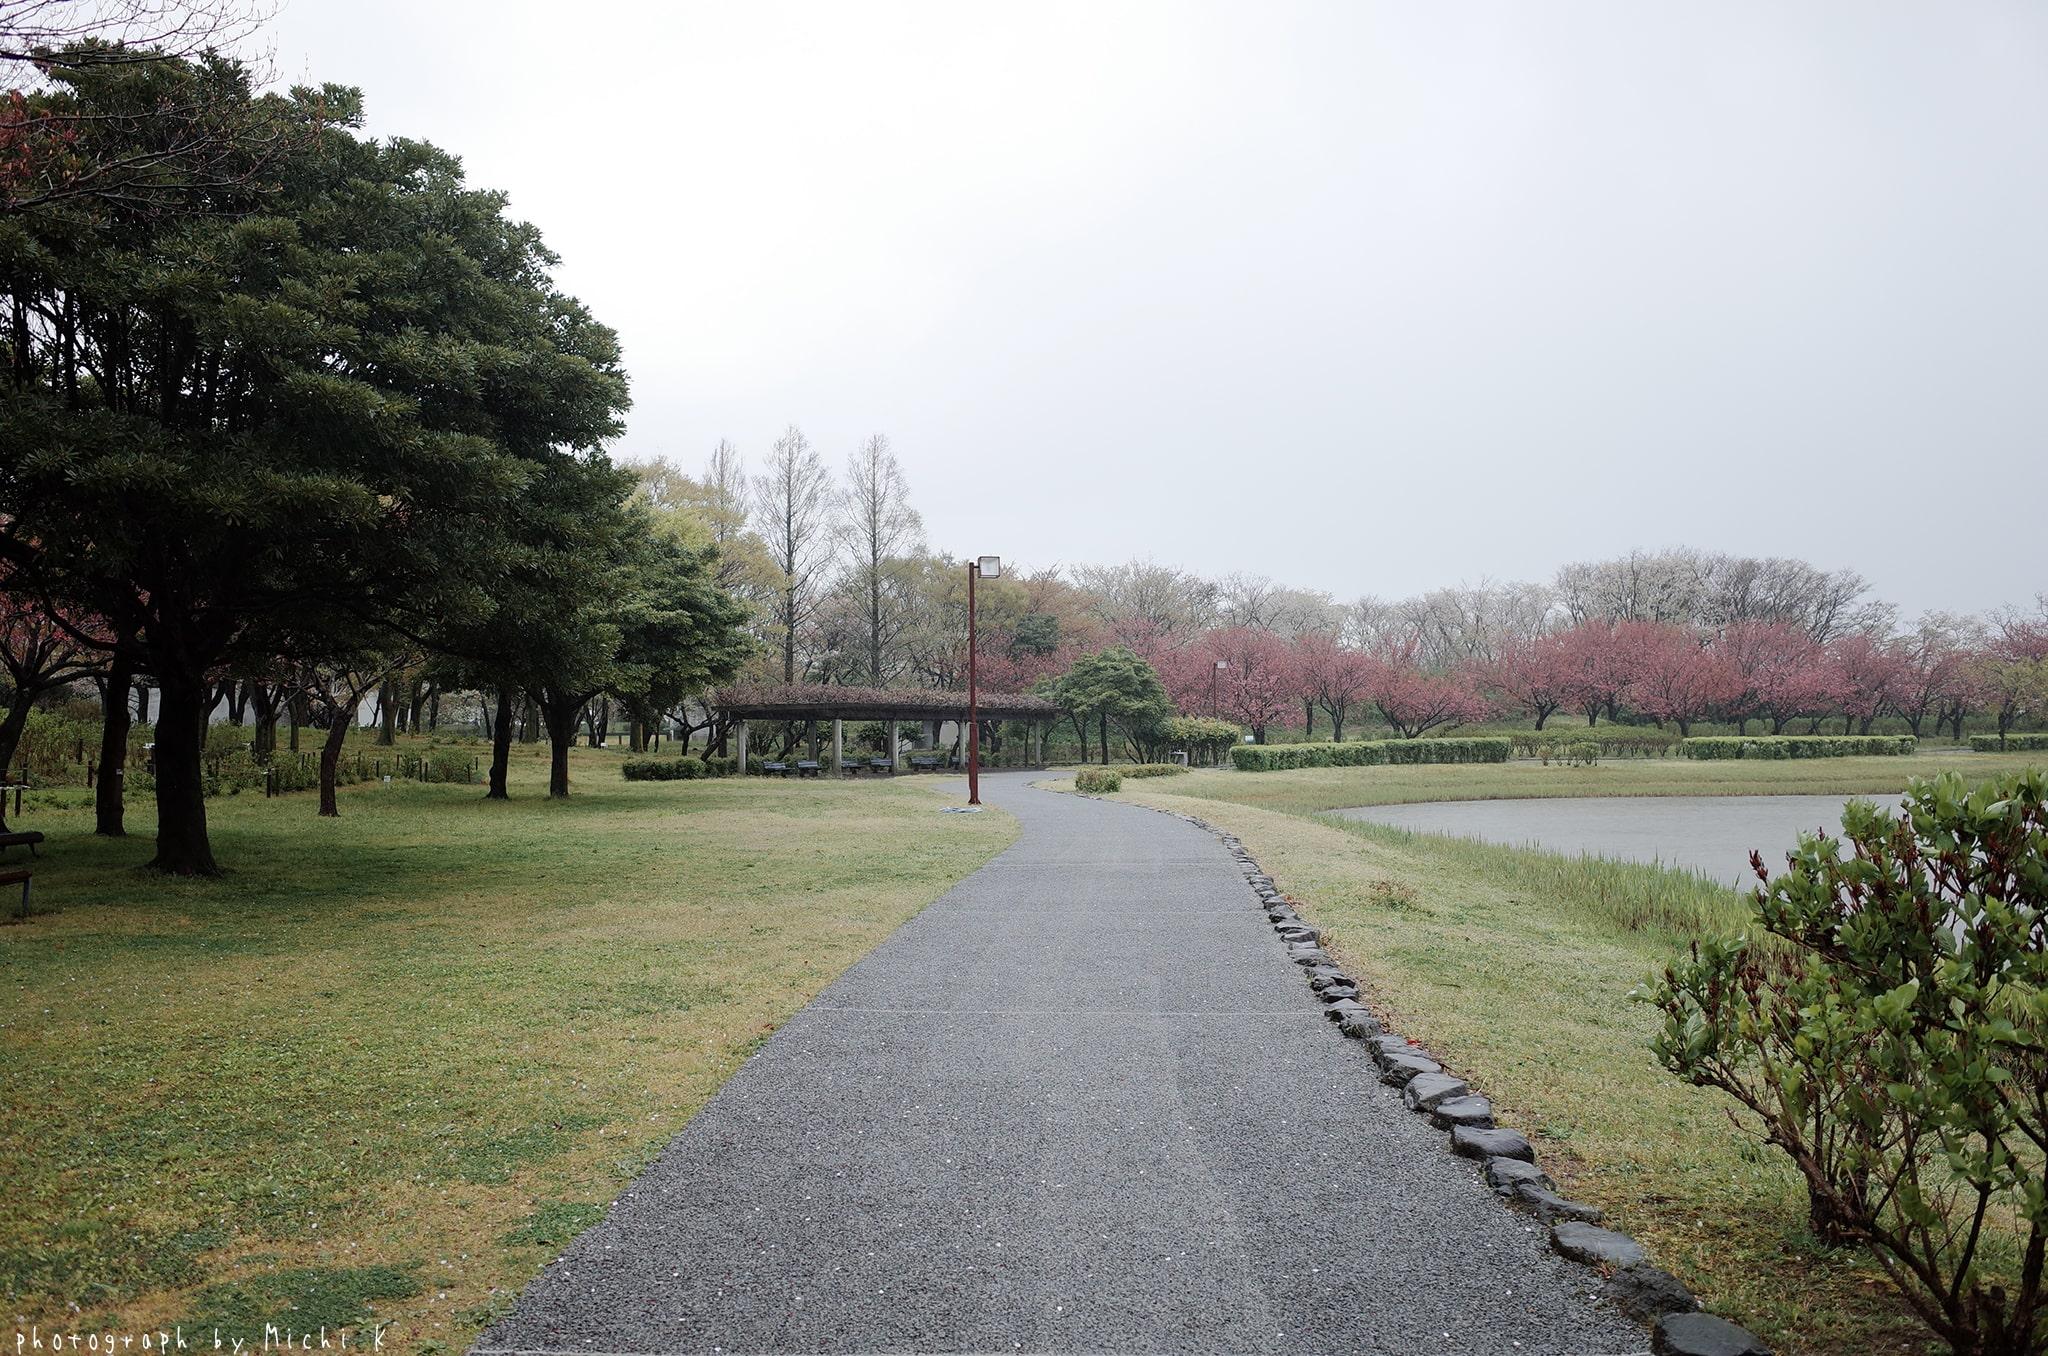 土門拳記念館2019-4-27朝(写真その2)